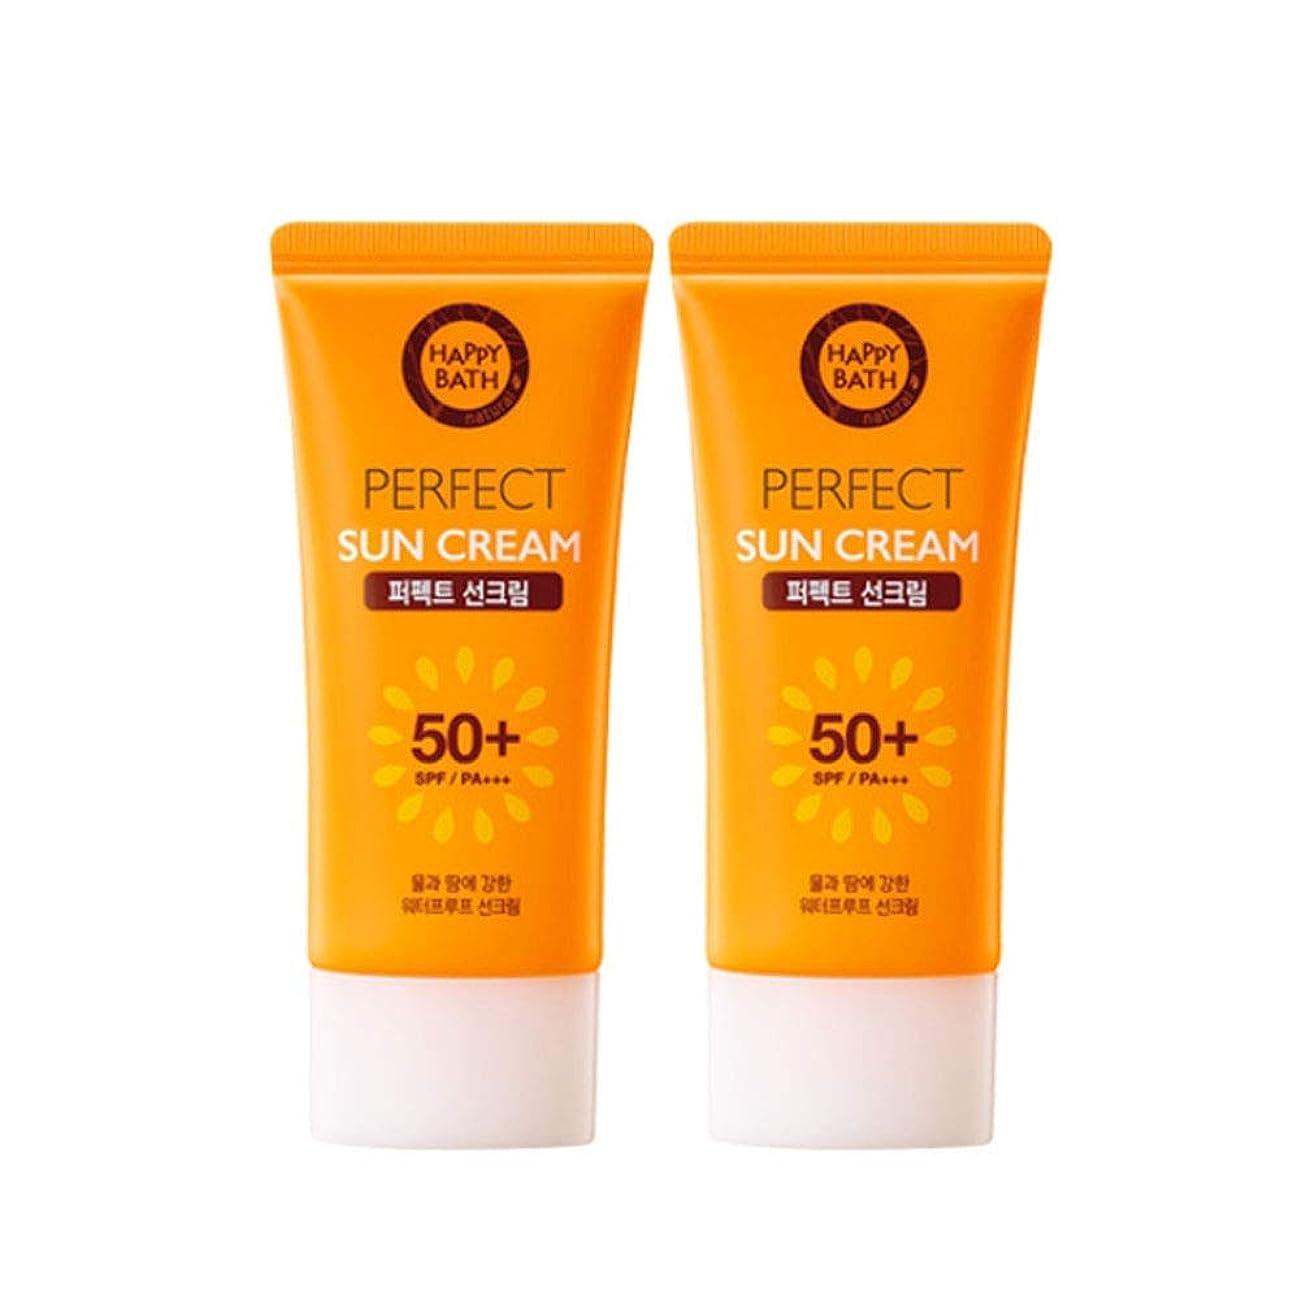 キュービック卒業モネハッピーバスパーフェクトサンクリーム 80gx2本セット韓国コスメ、Happy Bath Perfect Sun Cream 80g x 2ea Set Korean Cosmetics [並行輸入品]